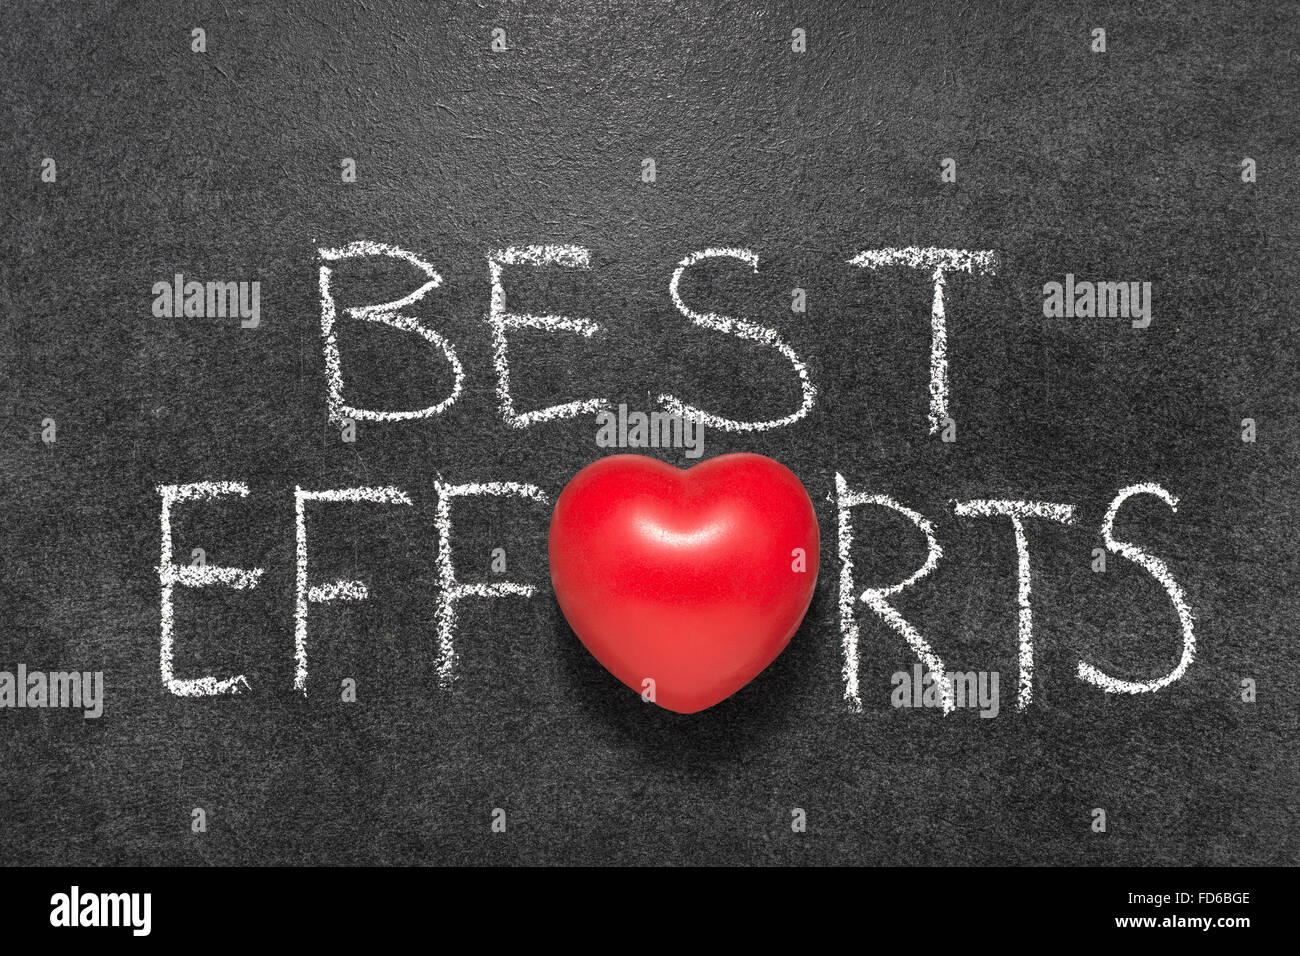 Best Efforts Phrase Handwritten On Blackboard With Heart Symbol